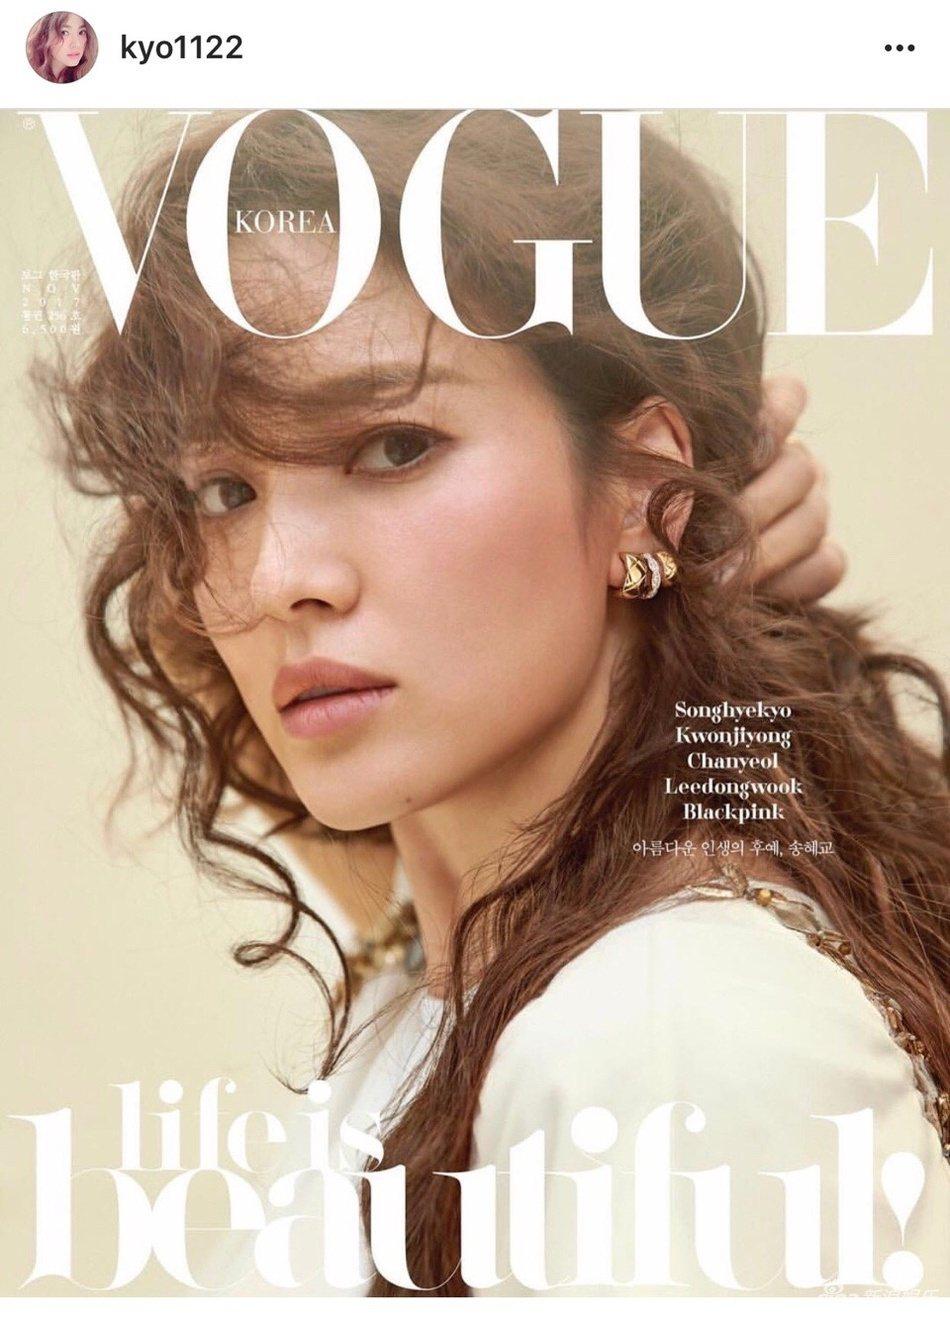 宋慧喬捲髮造型登上雜誌封面。摘自IG